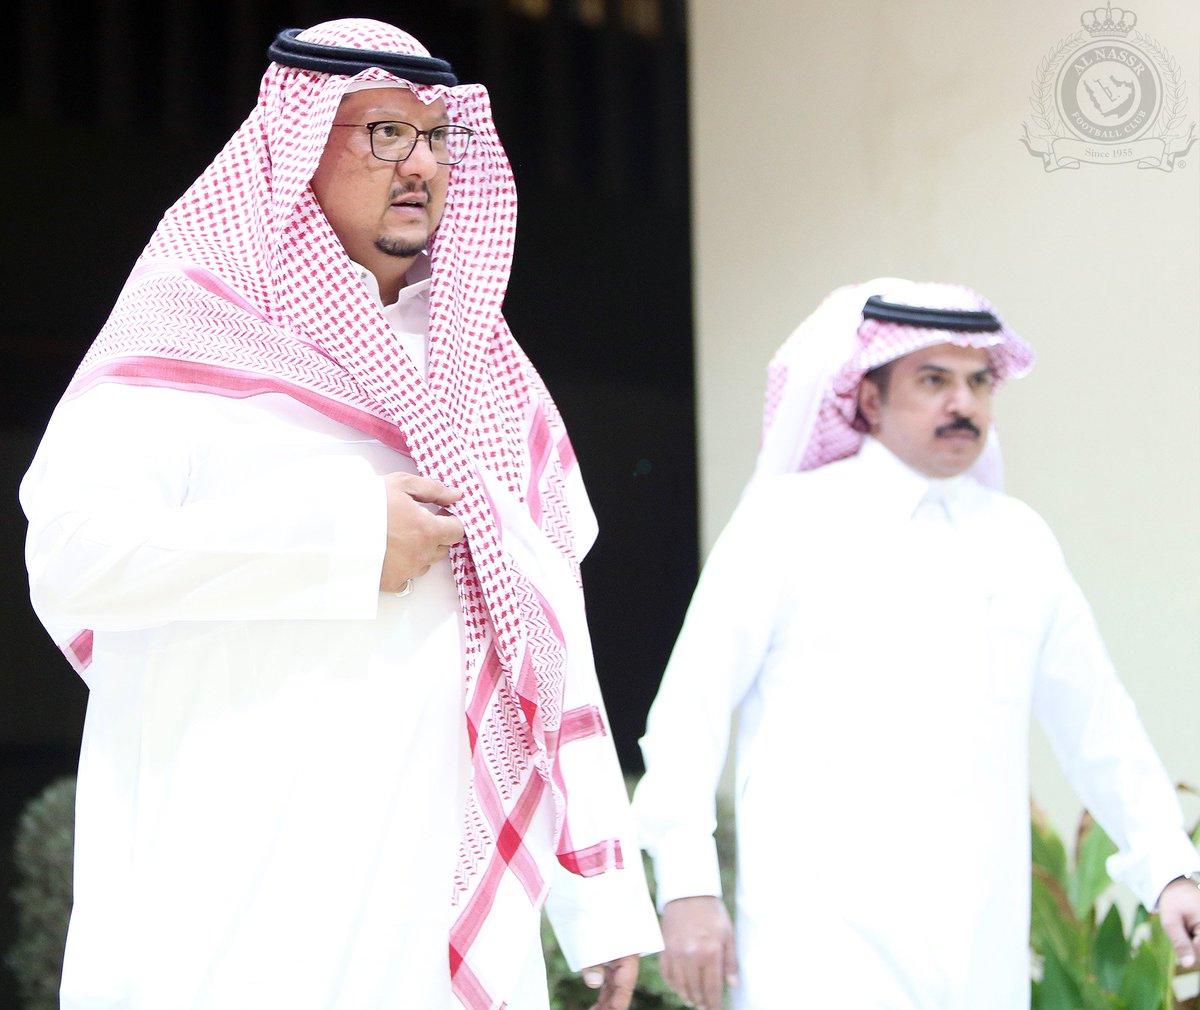 الامير فيصل بن تركي || سمعة المملكة وريا...